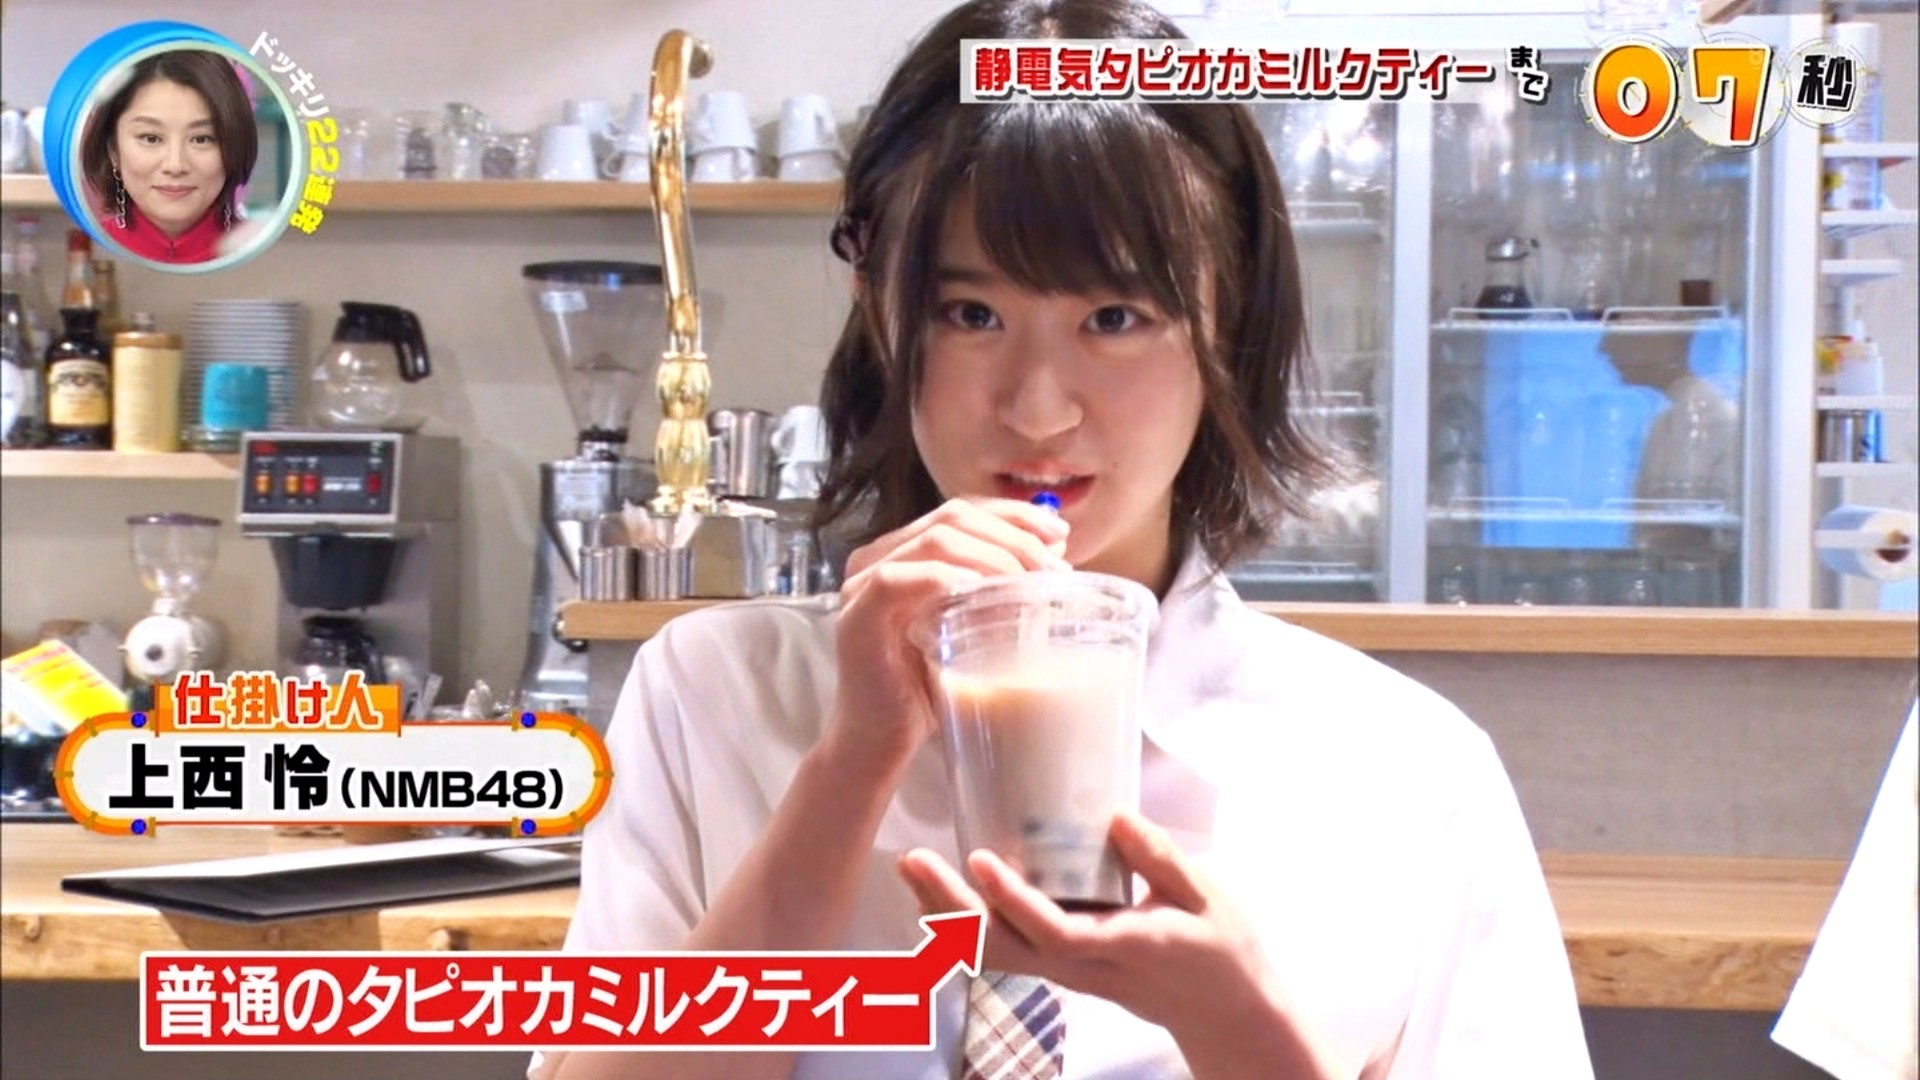 2019年11月30日にフジテレビ系列でほうそうされた「芸能人が本気で考えた!ドッキリGP」に出演したNMB48上西怜・大田莉央奈の画像-004